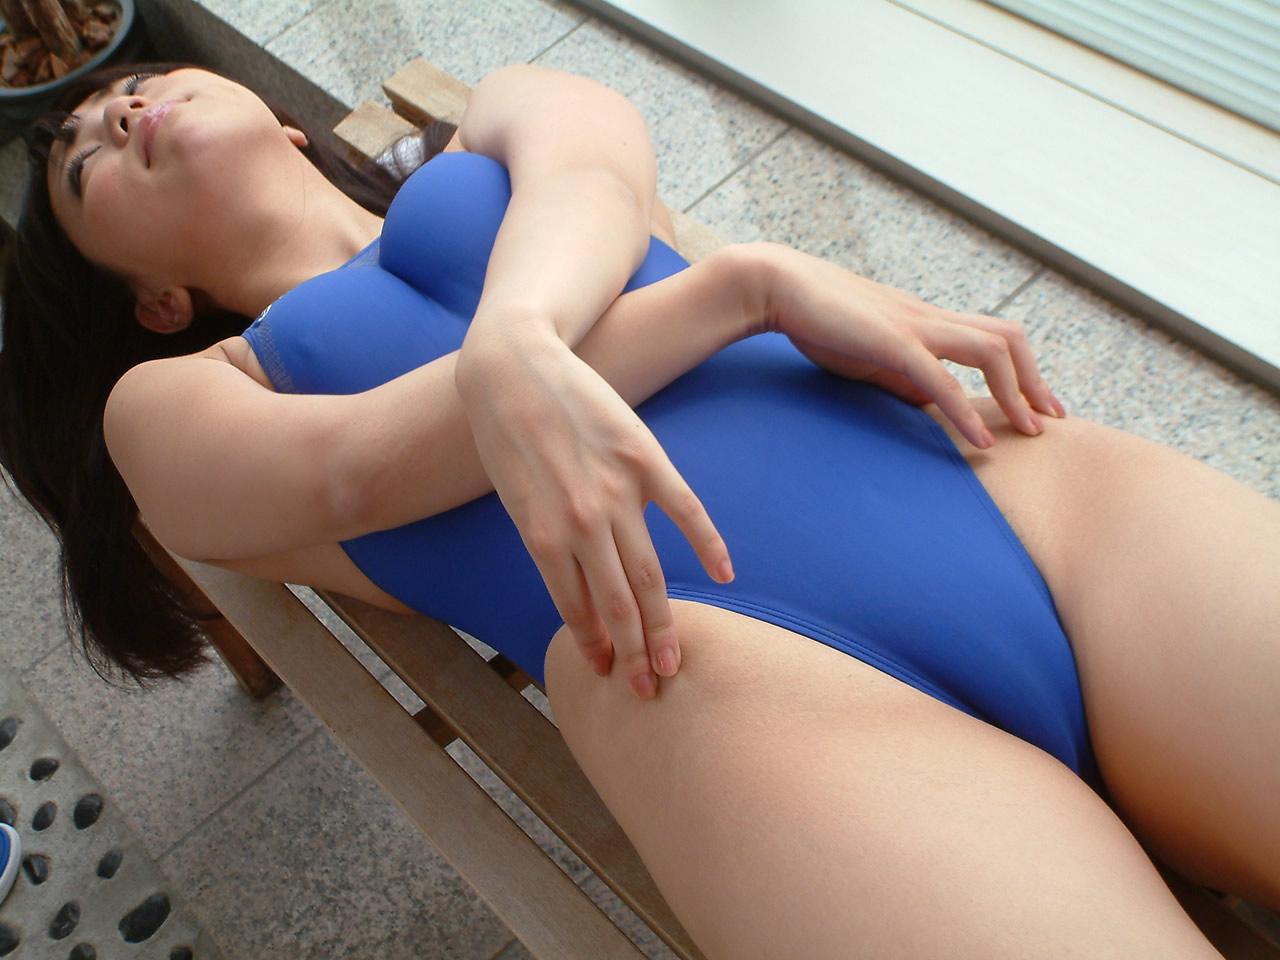 競泳水着が完全にエロコスプレ化してて抜けるエロ画像30枚